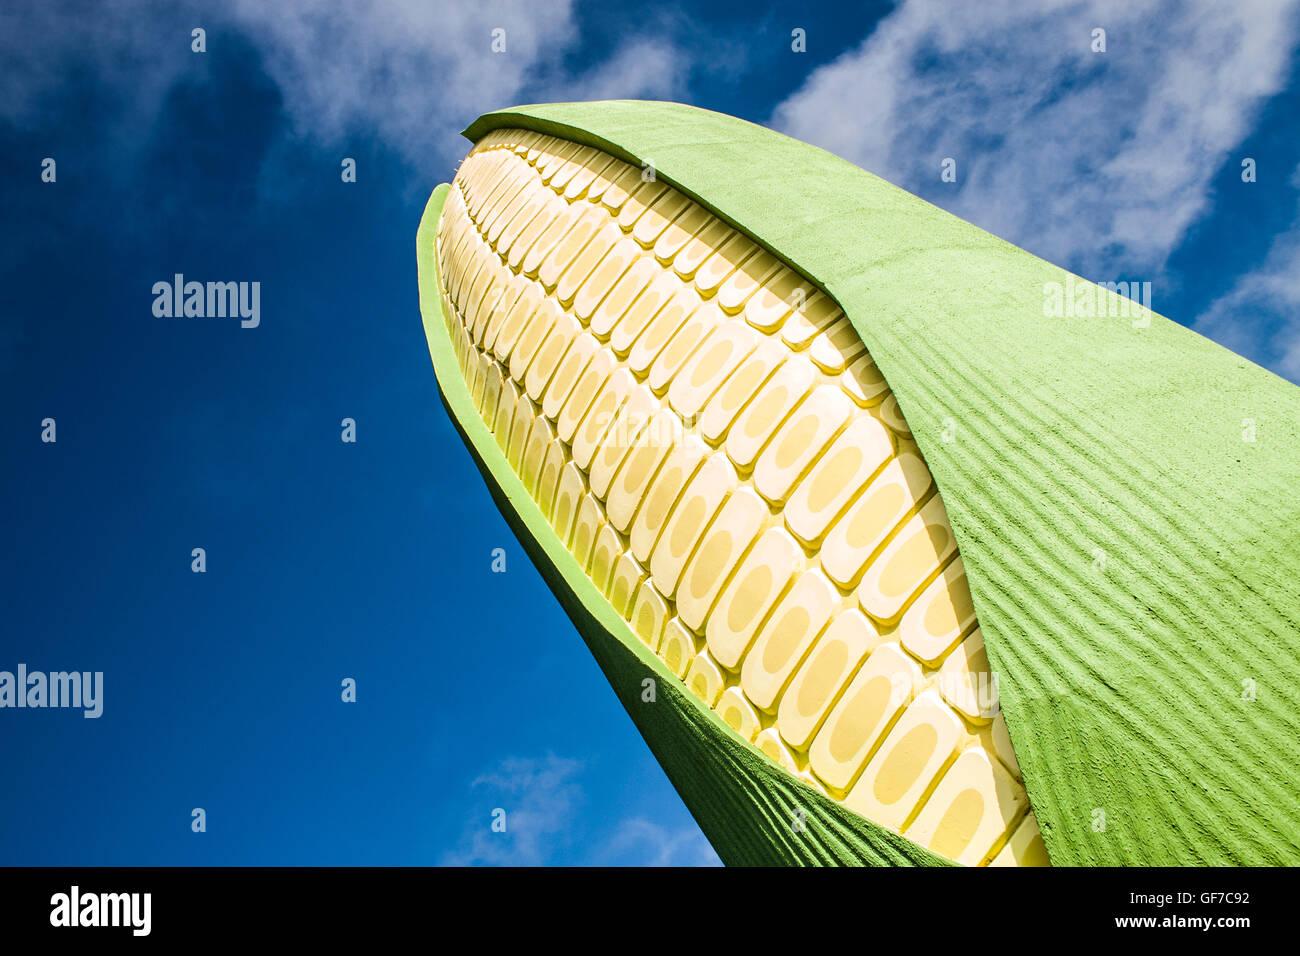 Ear of Corn Monument at Rovilho Bortoluzzi Exposition Park. Xanxere, Santa Catarina, Brazil. - Stock Image